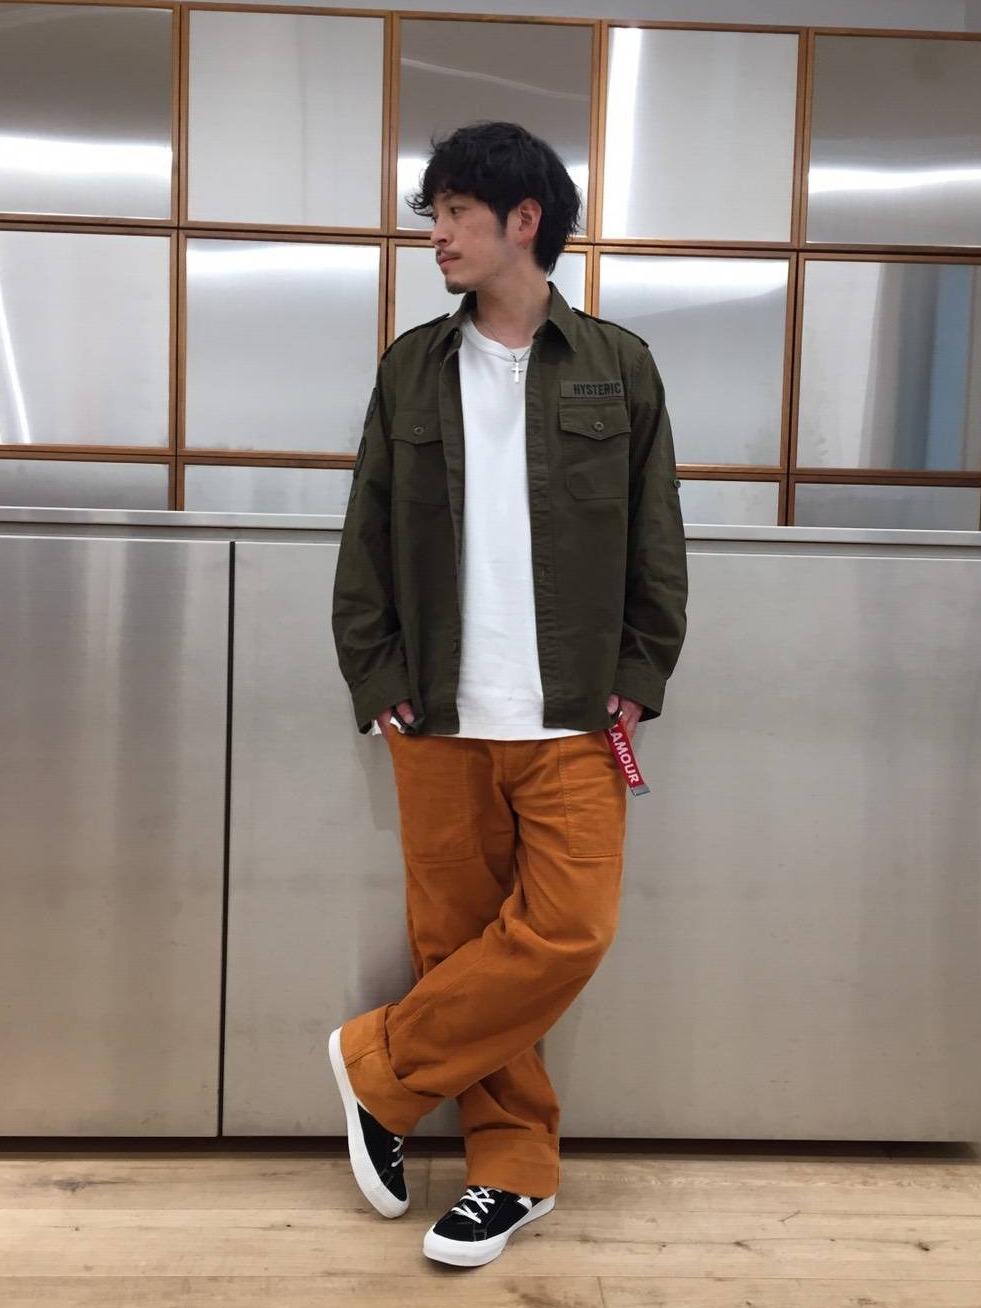 LUCUA大阪店定商品発売のお知らせ 「ROCK AGENTアップリケ ミリタリーシャツ 」 価格:¥26,400(税込) サイズ:S/M/L カラー:KHAKI 8/28(金)発売です。完全数量限定ですのでお見逃しなく!!! 通信販売も承っております。